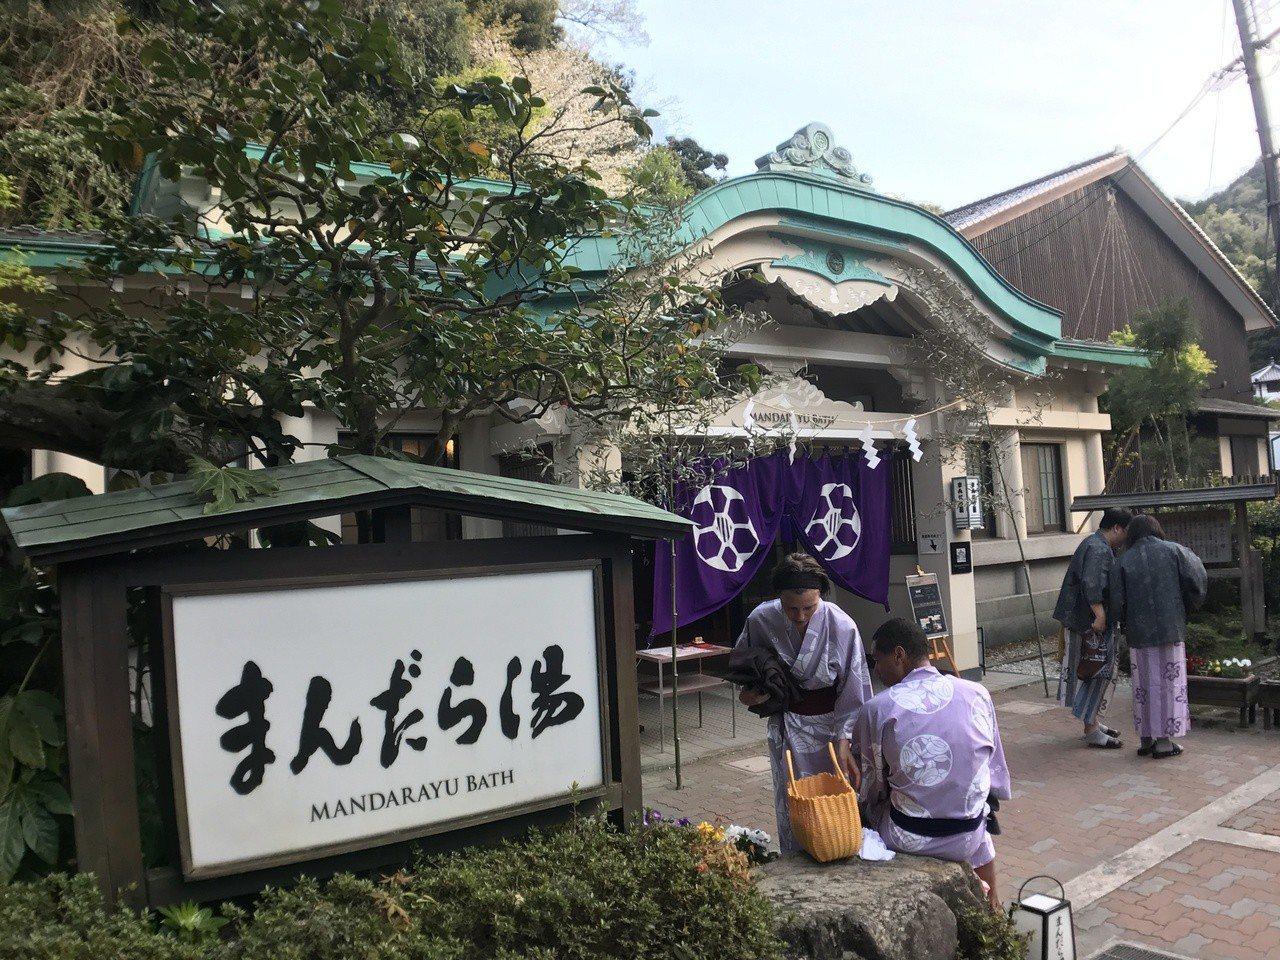 城崎溫泉也是日本人喜愛的泡湯地點。